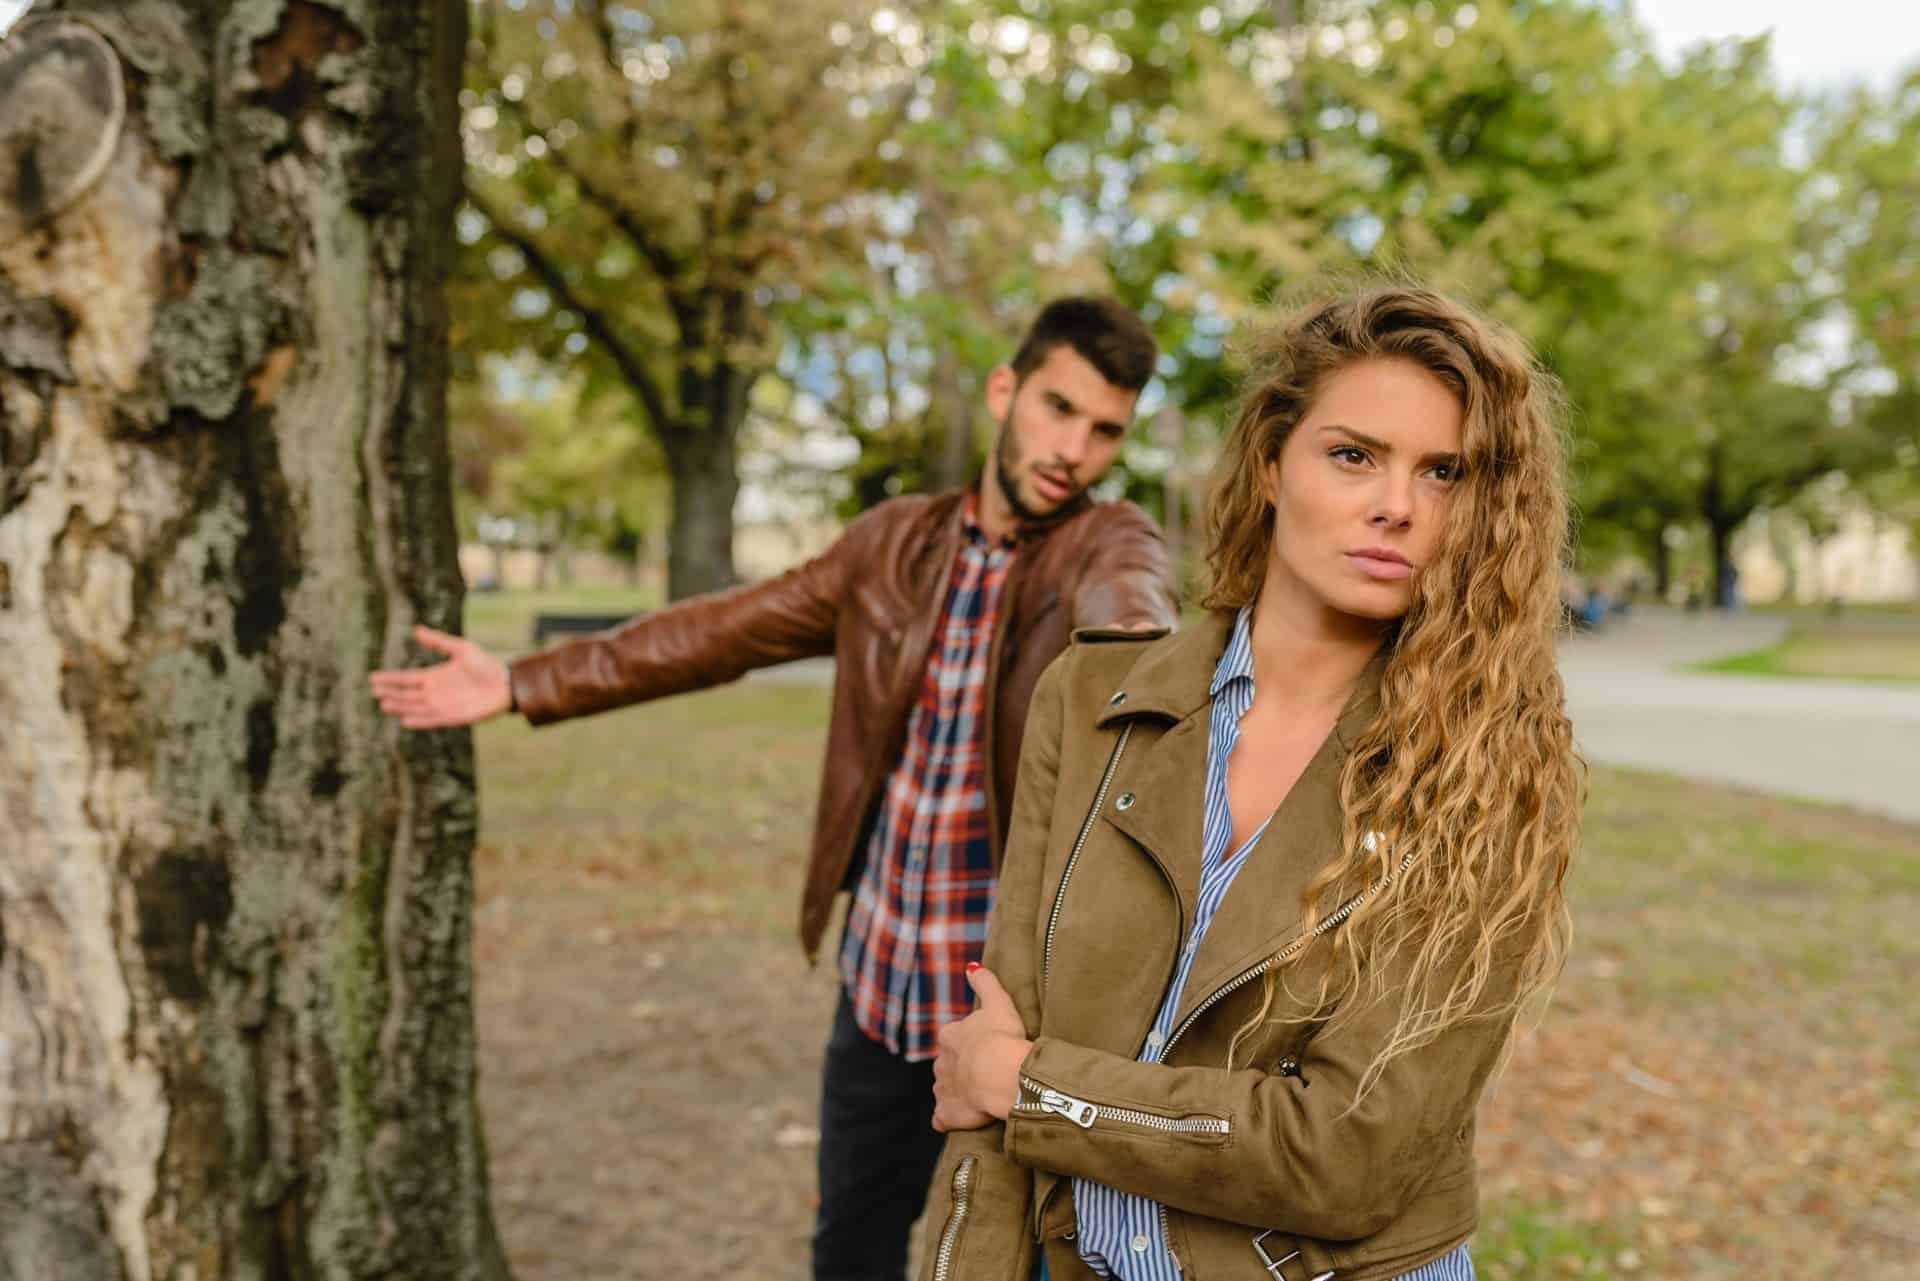 Une meilleure satisfaction relationnelle grâce à la thérapie de couple